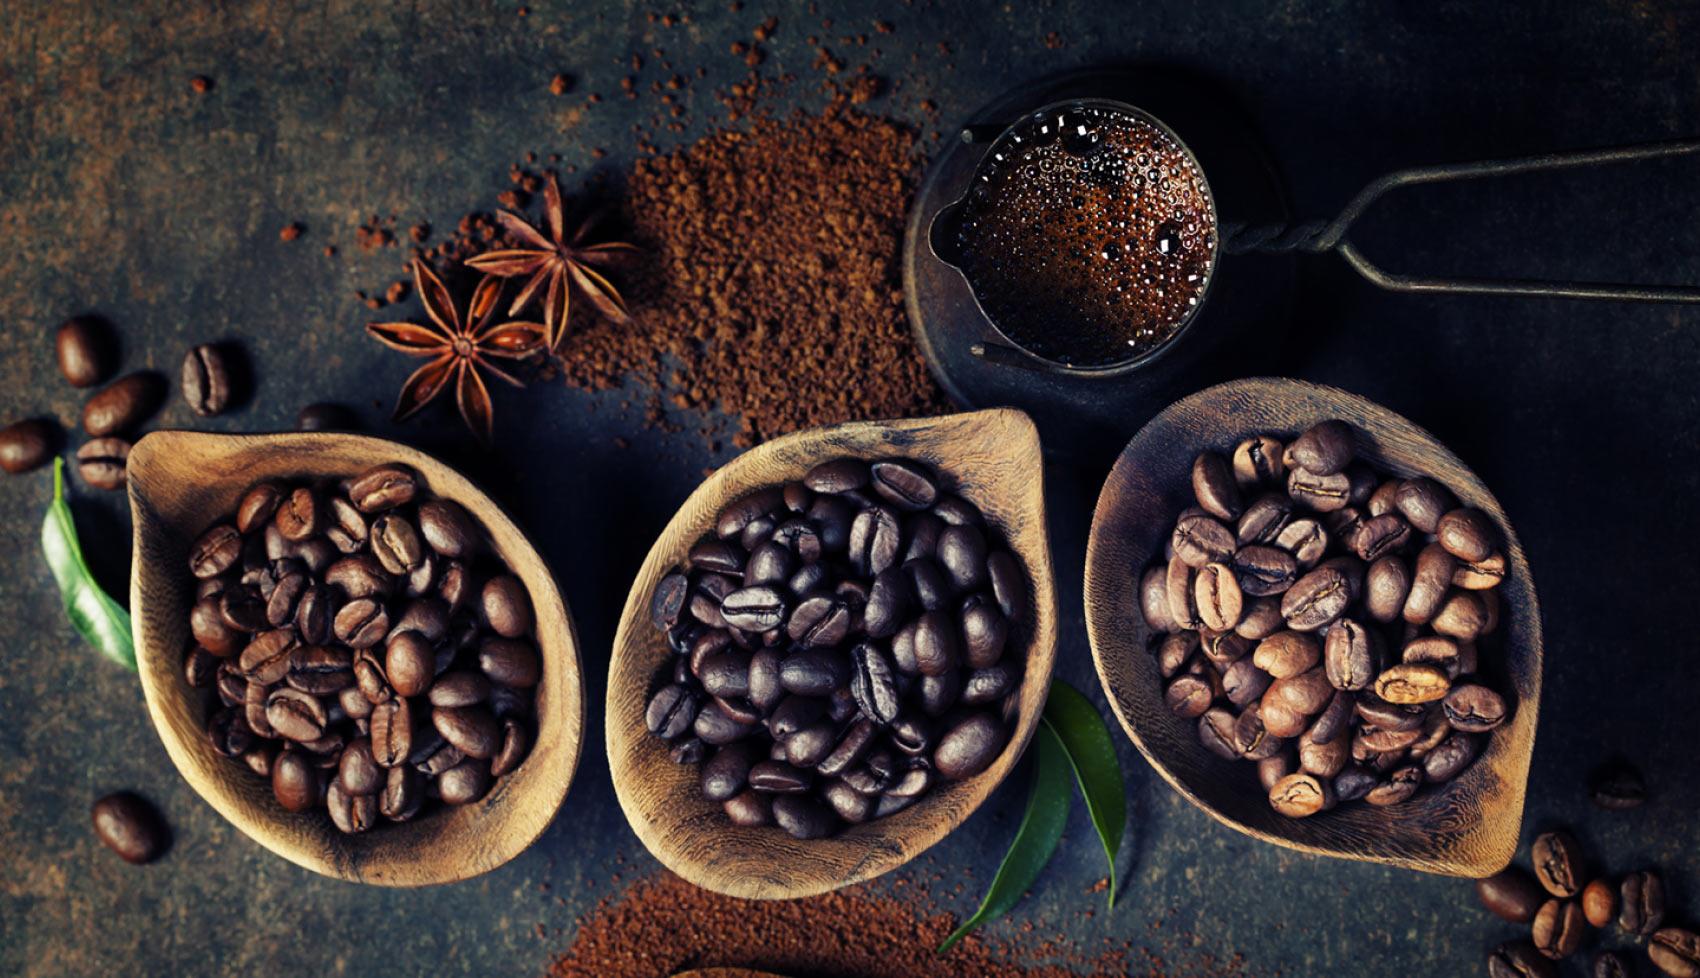 Сорта и виды зернового кофе, их характеристики и отличия